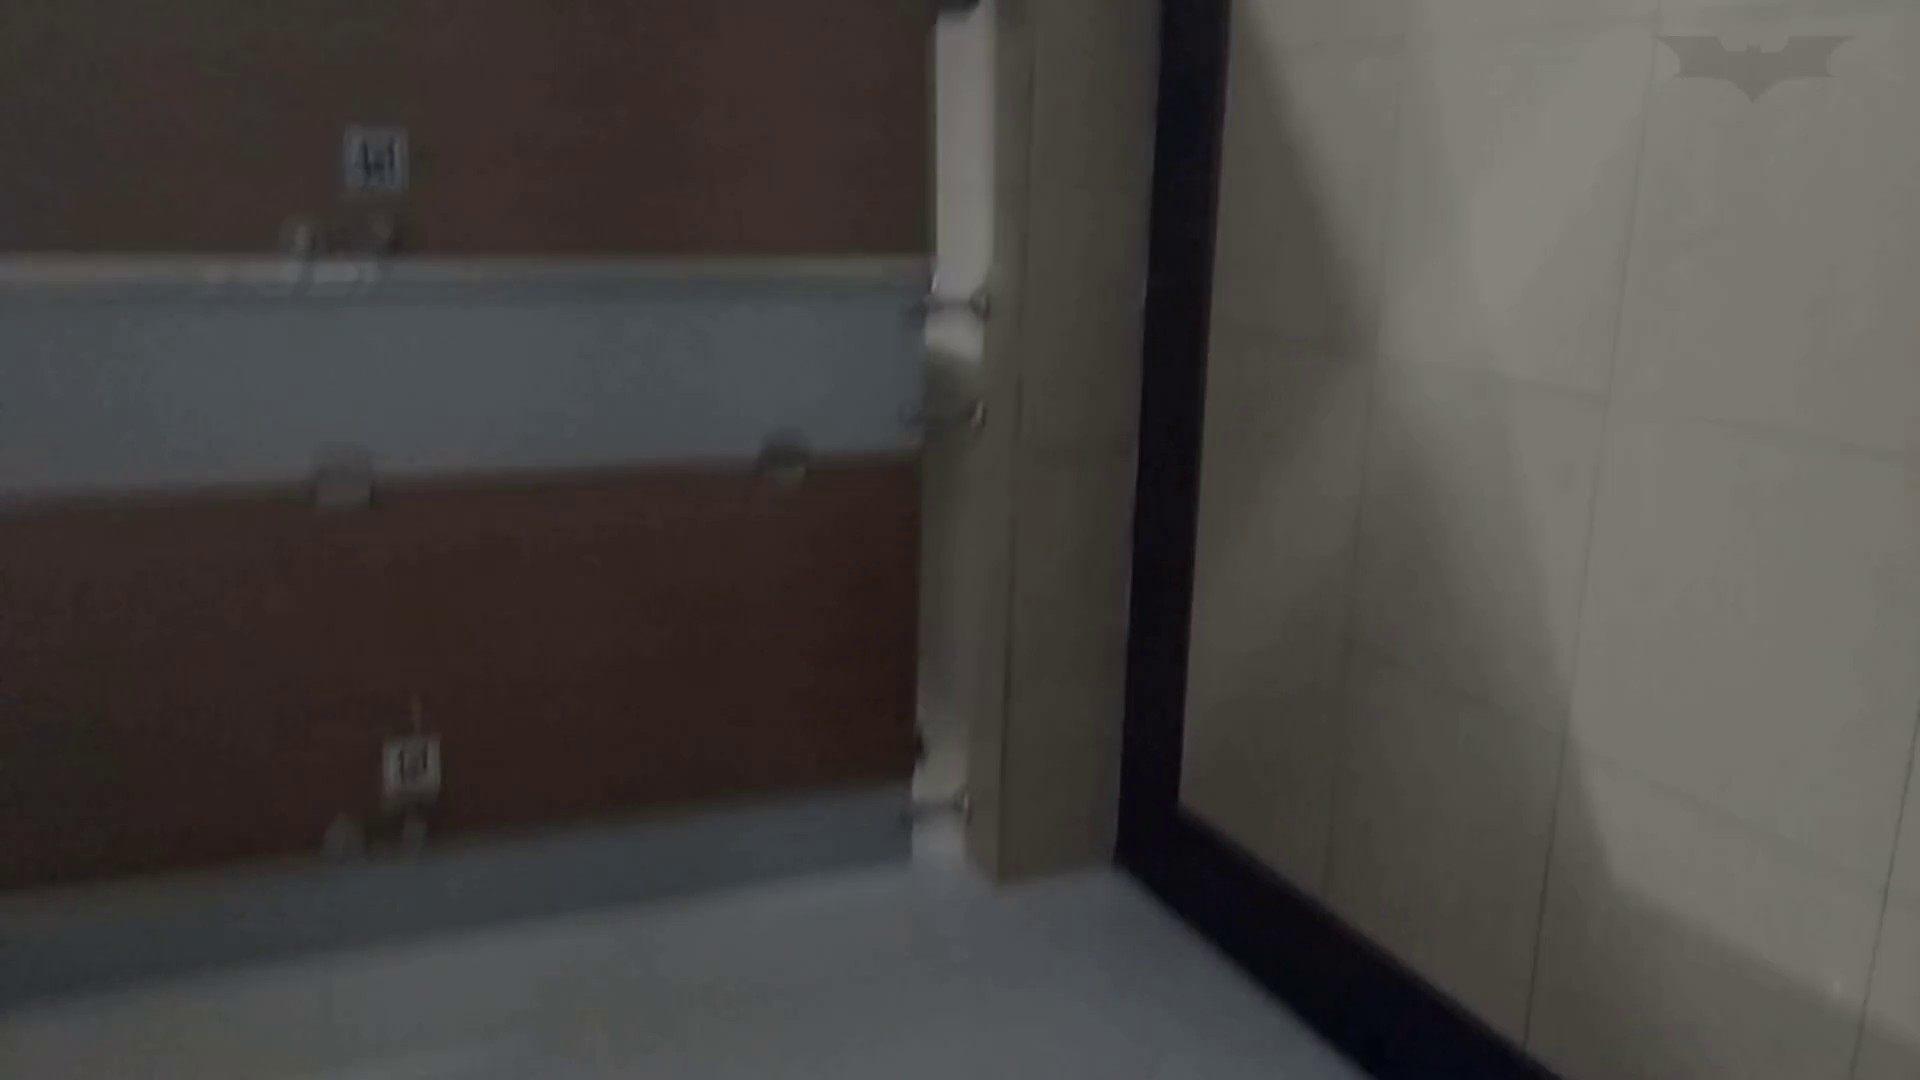 芸術大学ガチ潜入盗撮 JD盗撮 美女の洗面所の秘密 Vol.98 盗撮 | トイレ  38pic 25